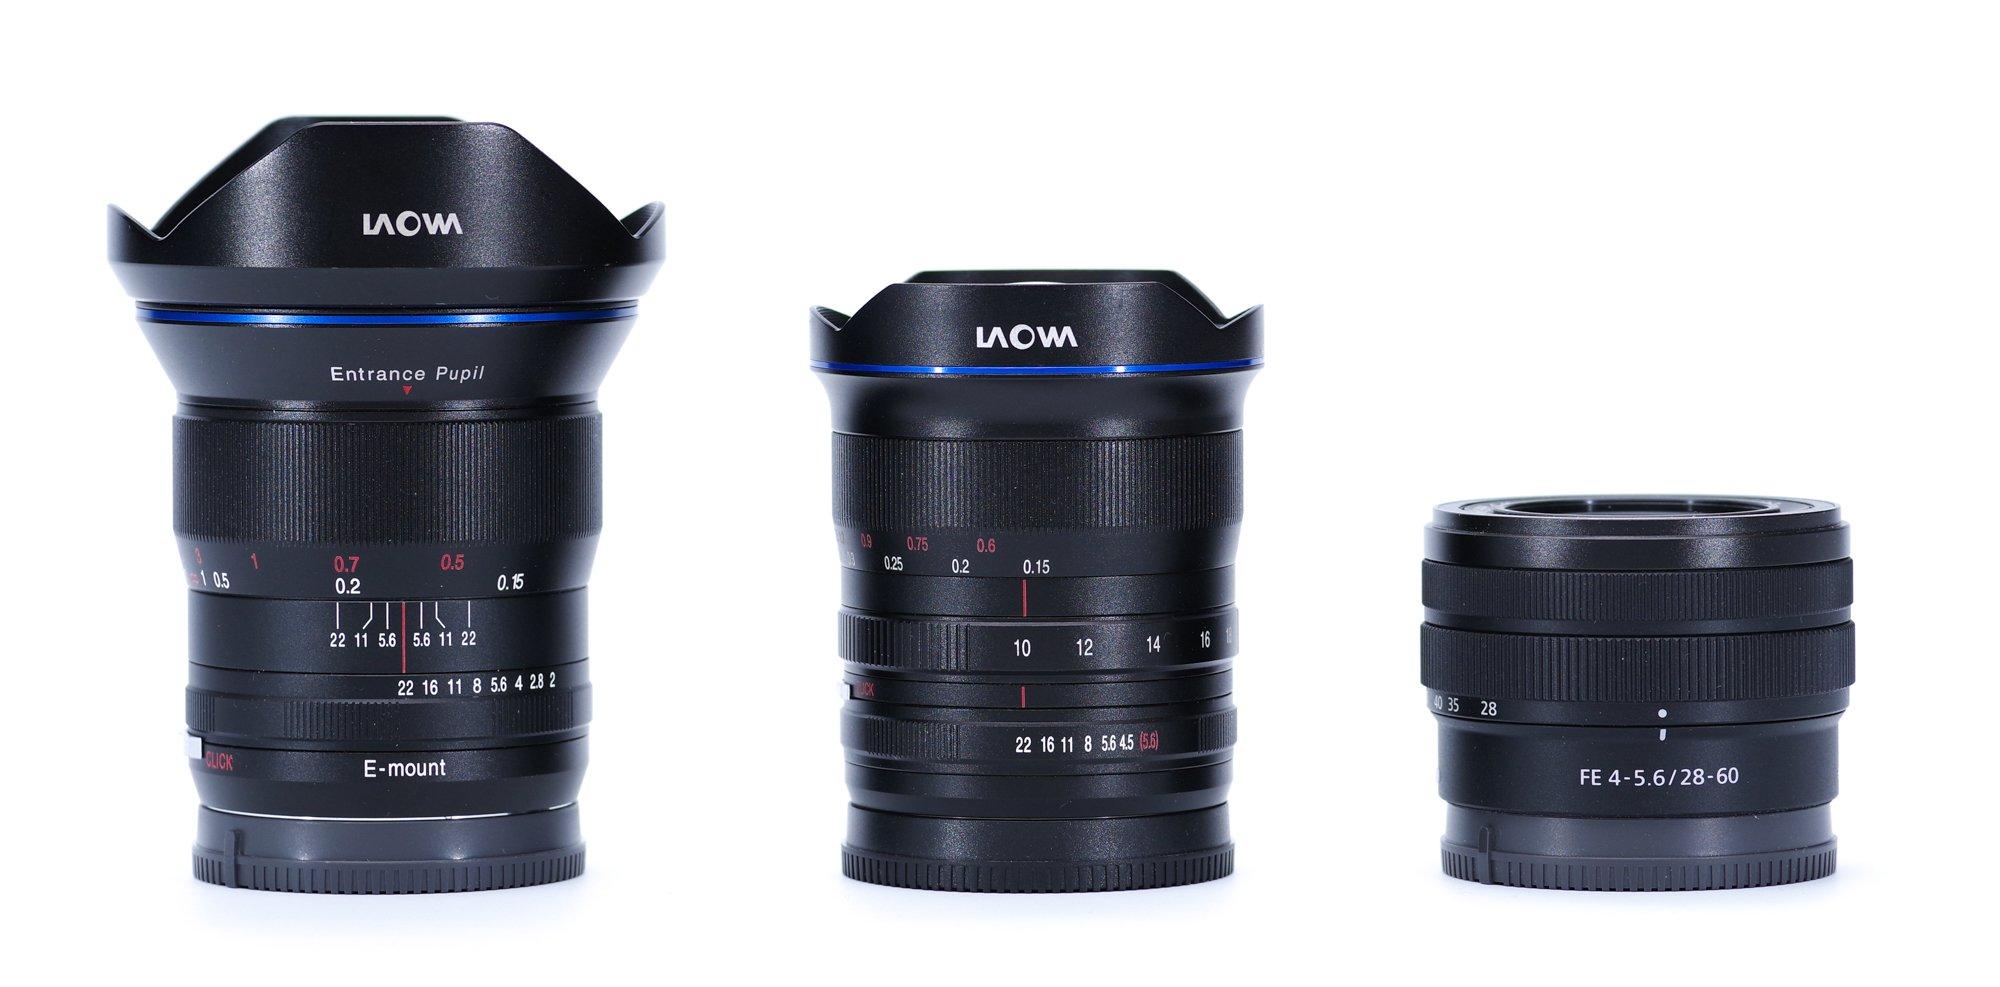 Laowa 10-18mm side by side